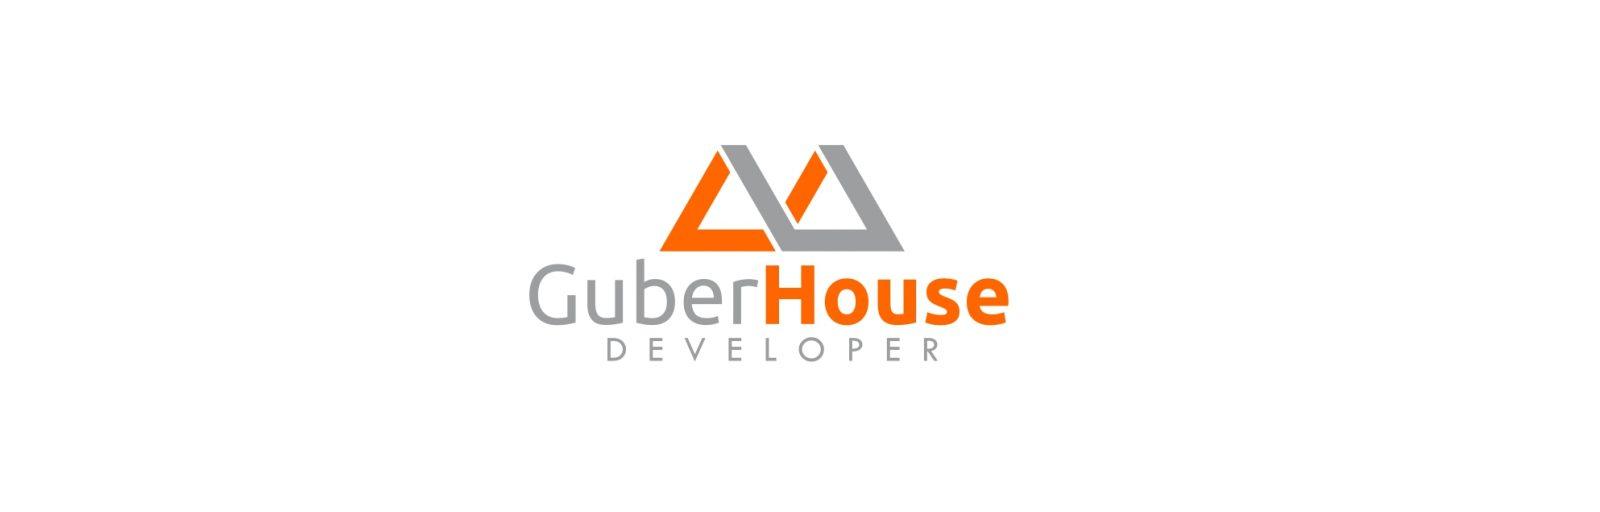 GuberHouse